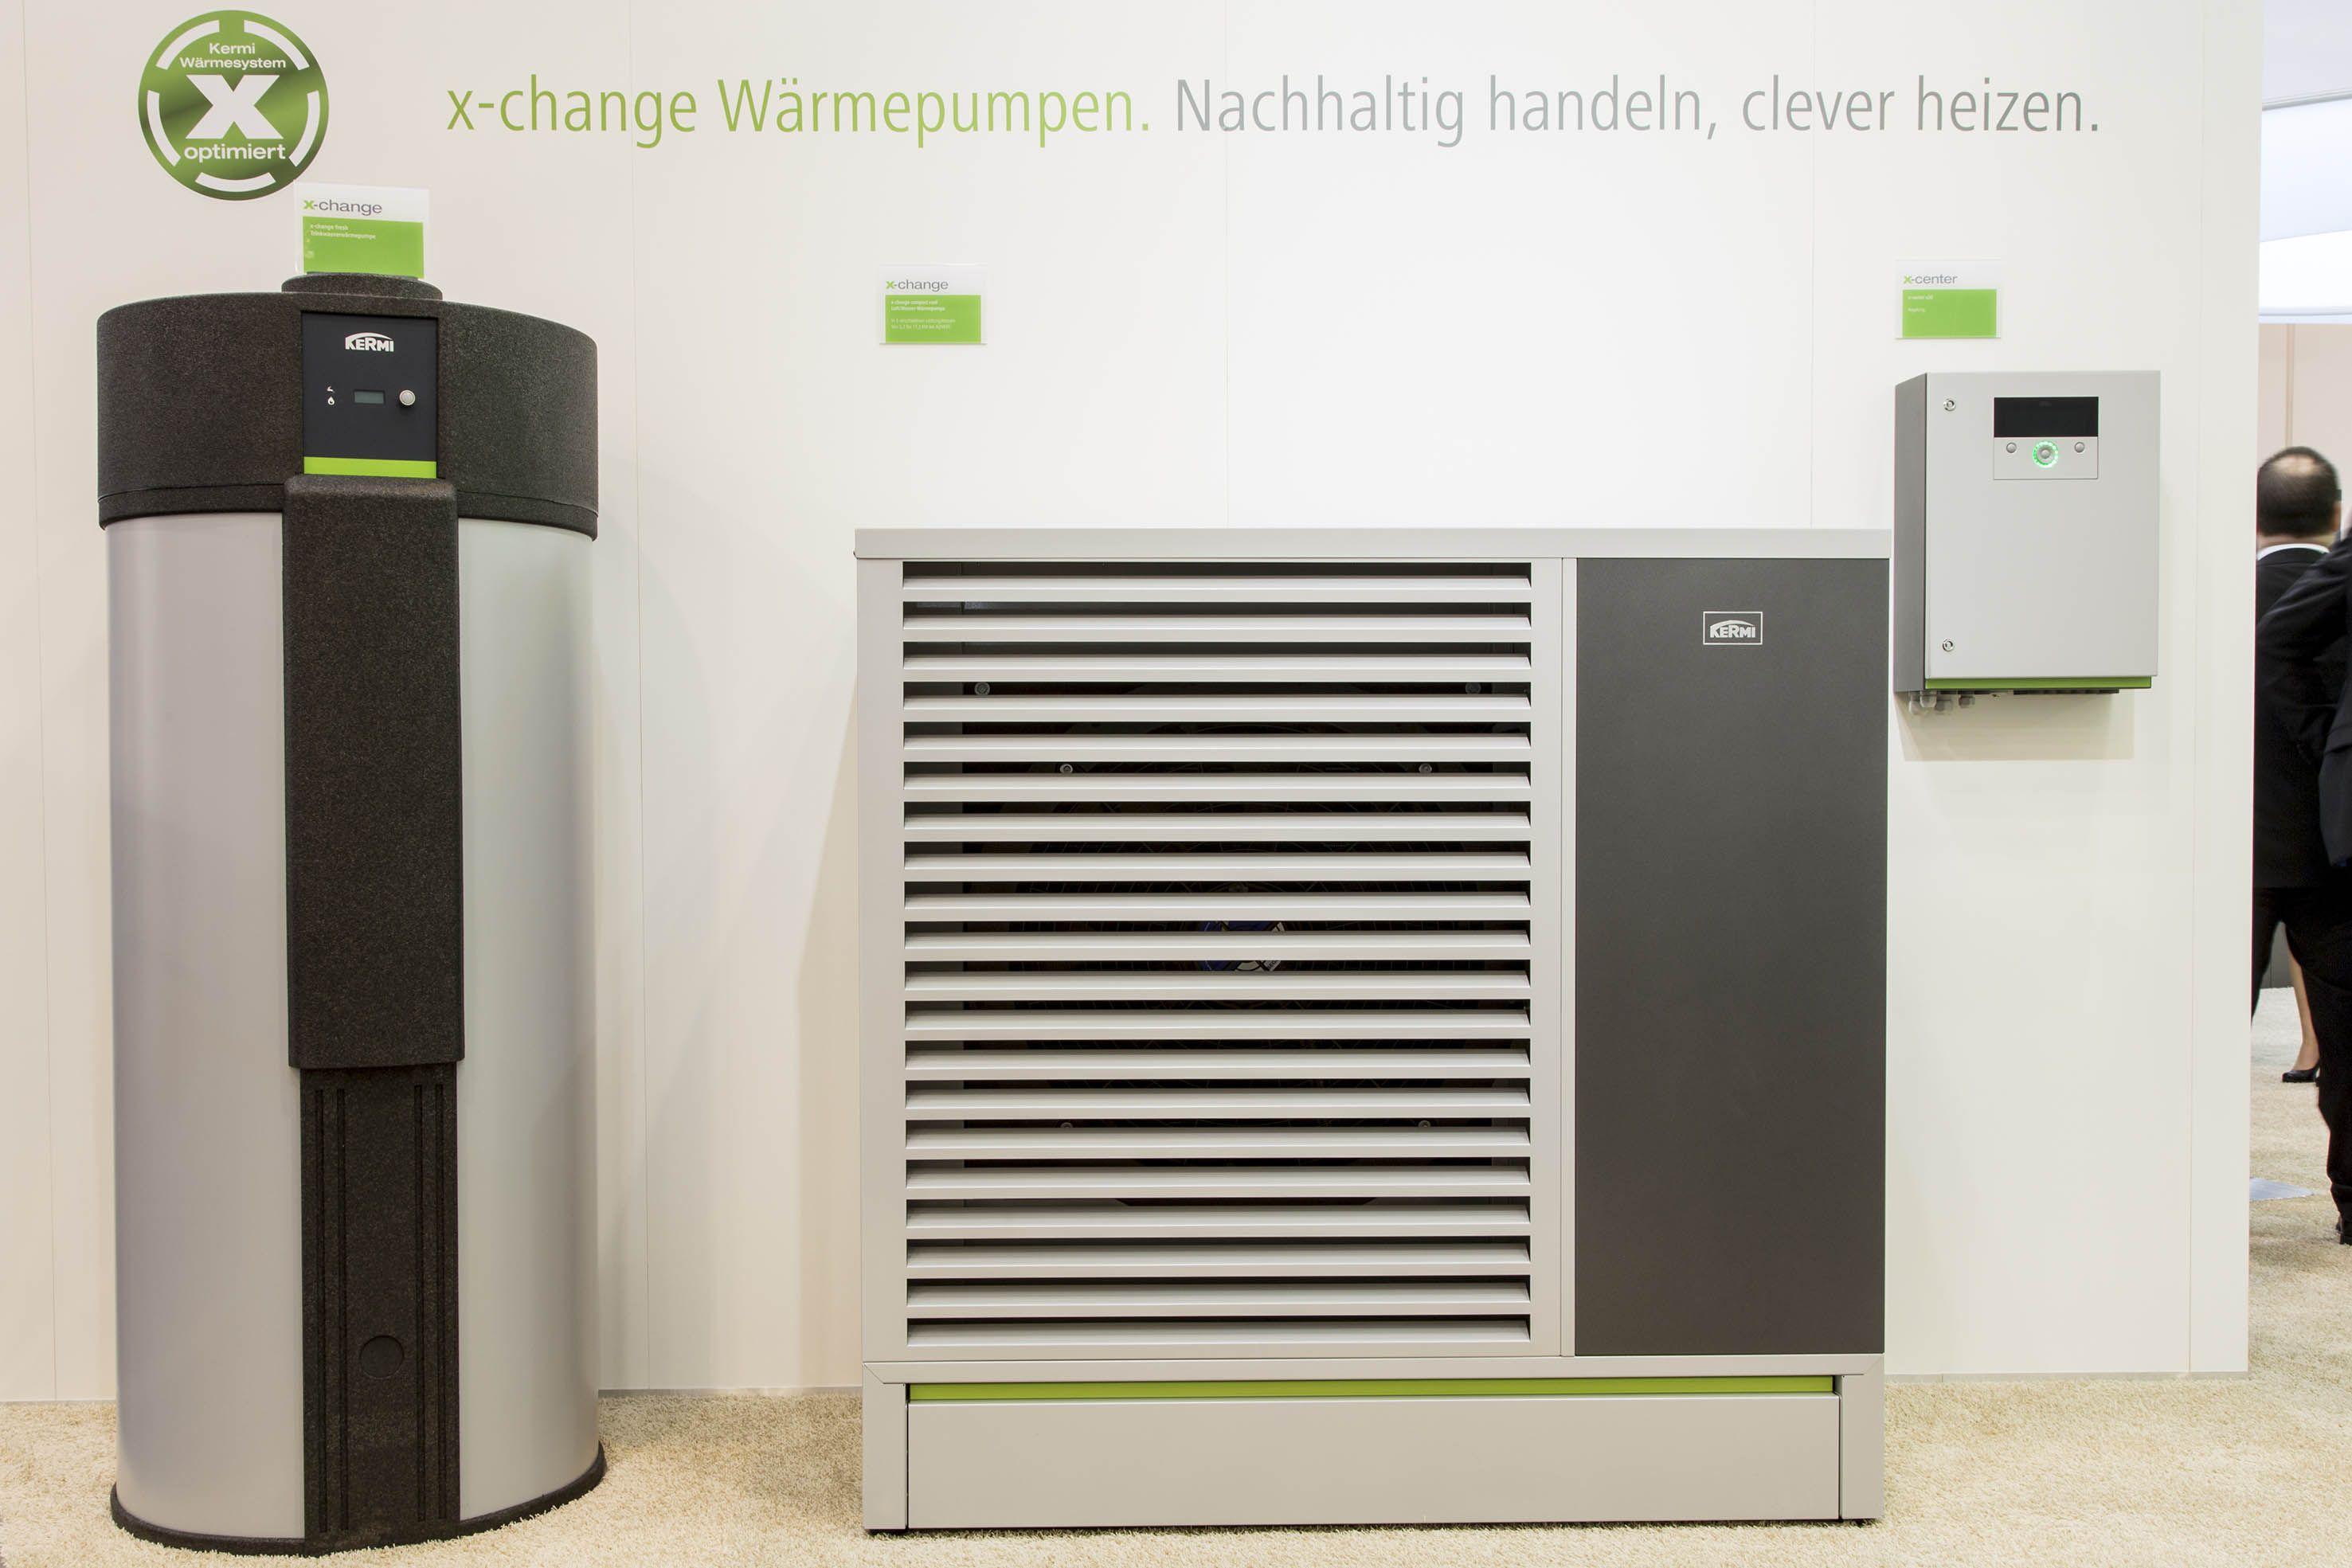 Shk Essen 2016 Duschkabine Dusche Warmepumpe